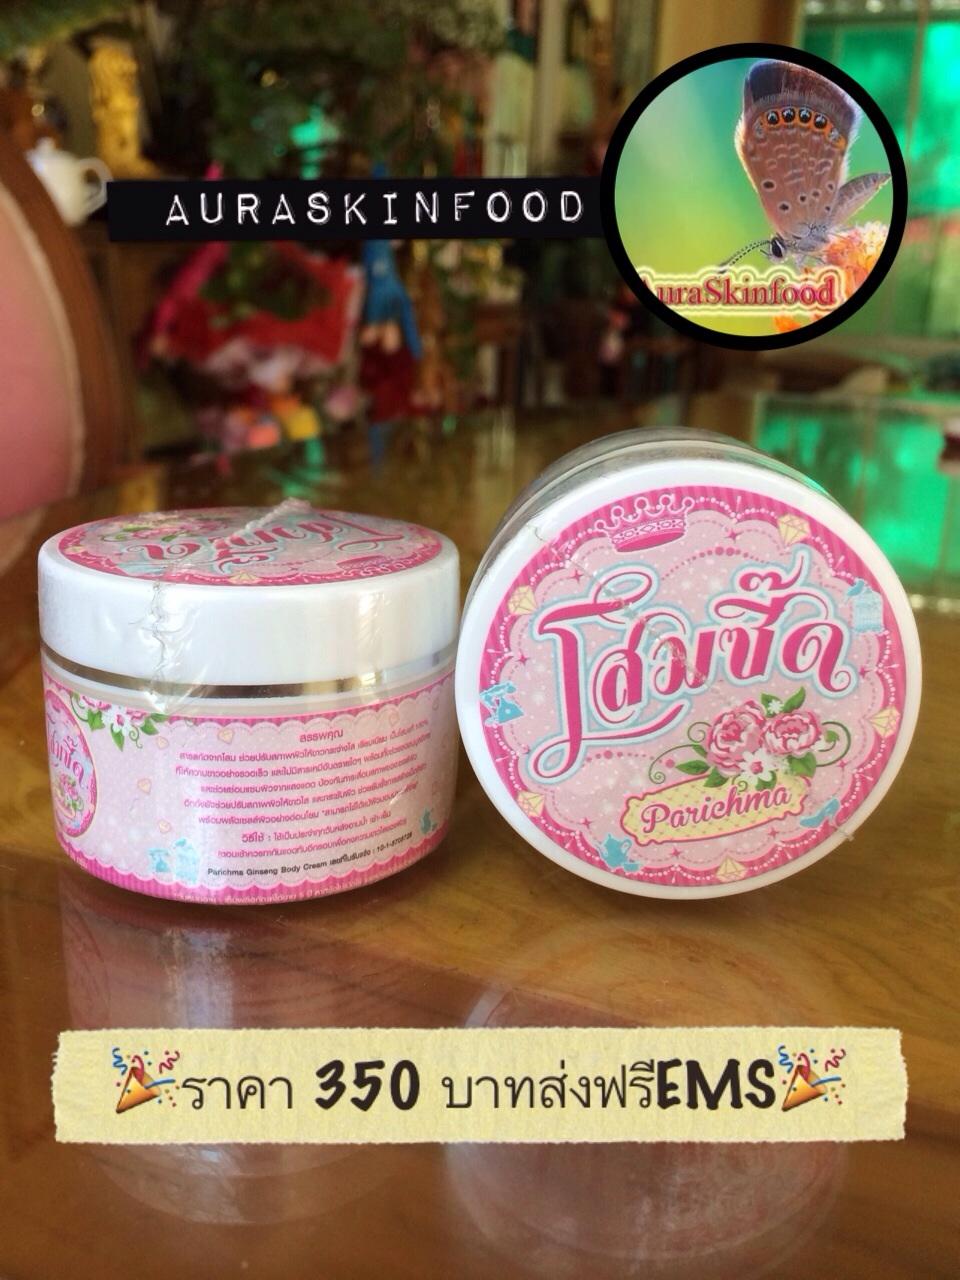 (ส่งฟรีEMS)ครีมโสมซี๊ด (Parichma Ginseng Body Cream)